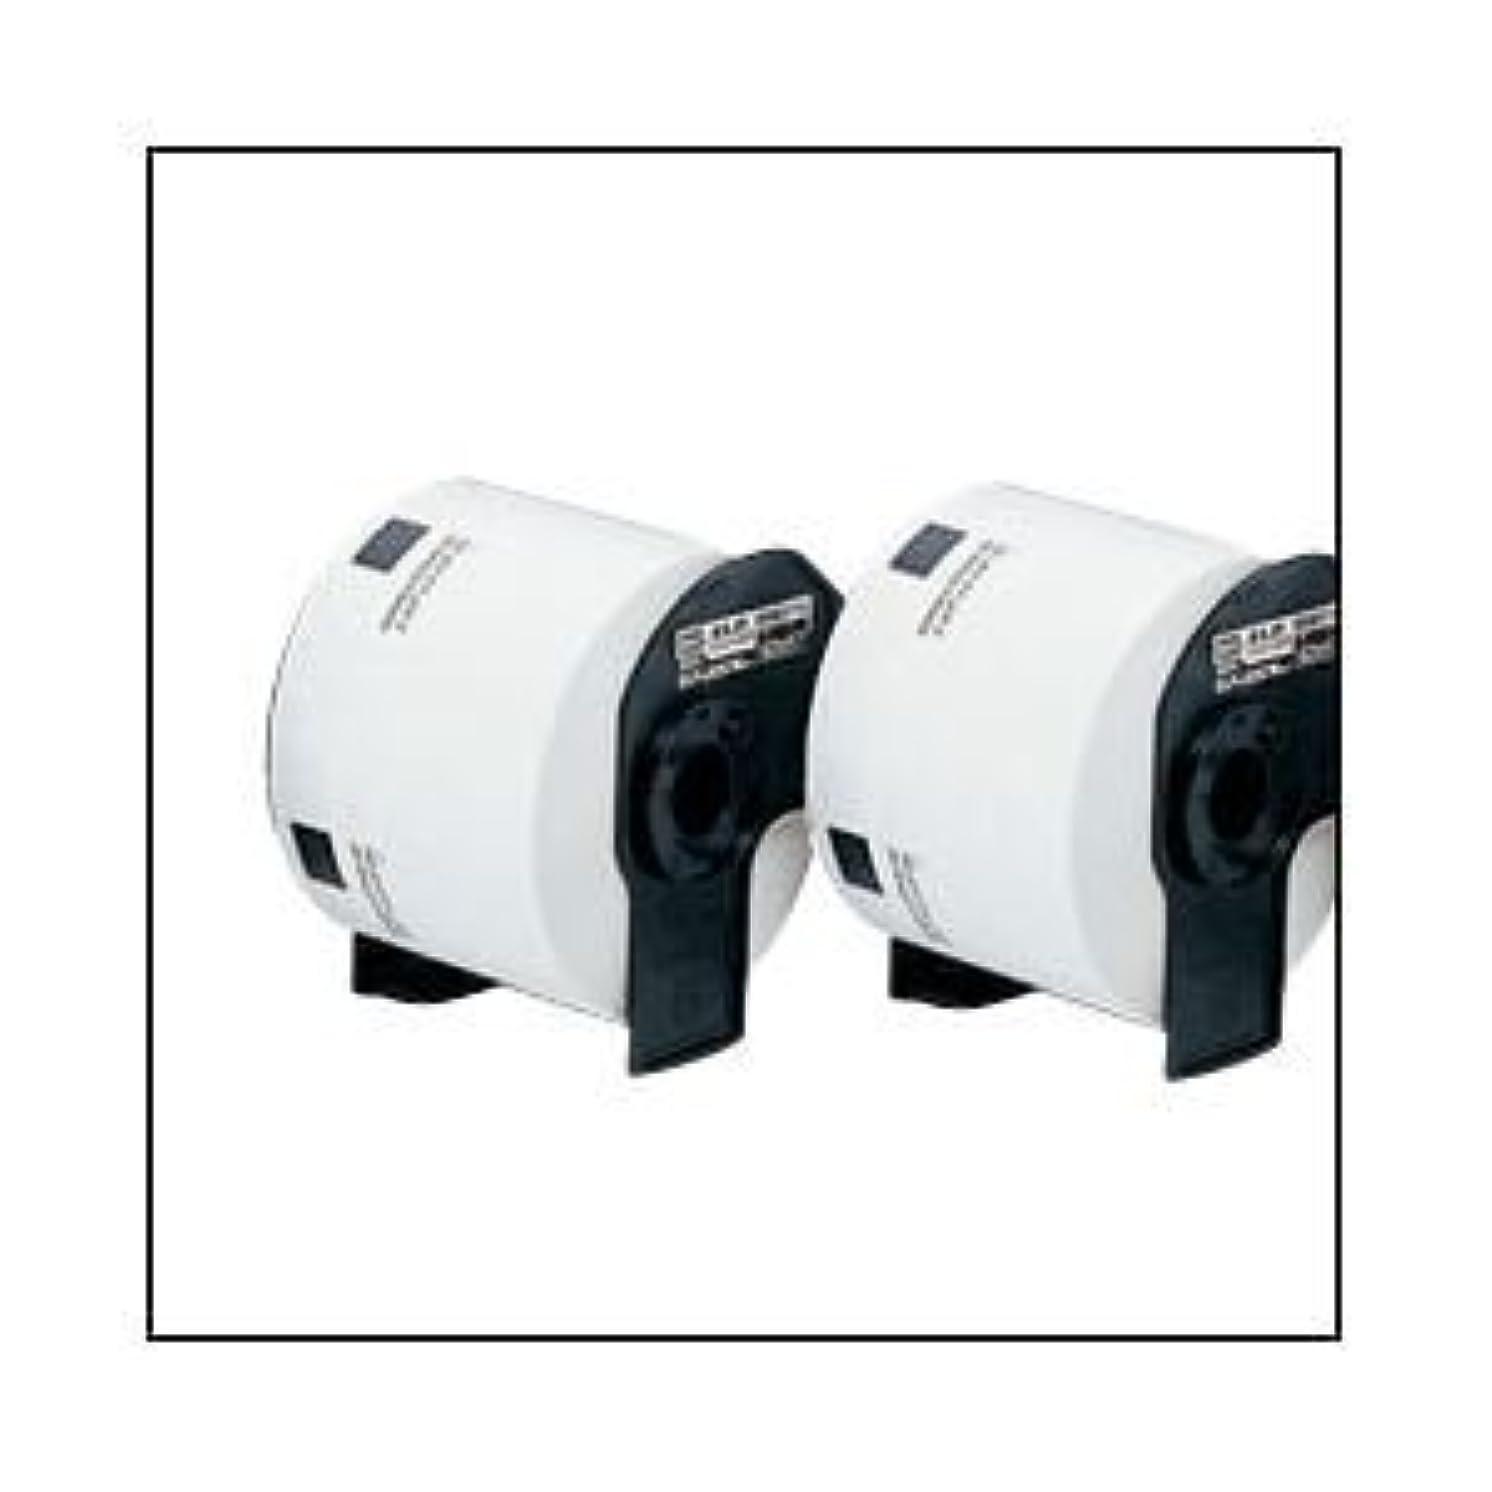 ピカリング提供汚染するマックス 感熱ラベルプリンタ ELP-60S 専用ラベル 幅62×57mm ds-1096811